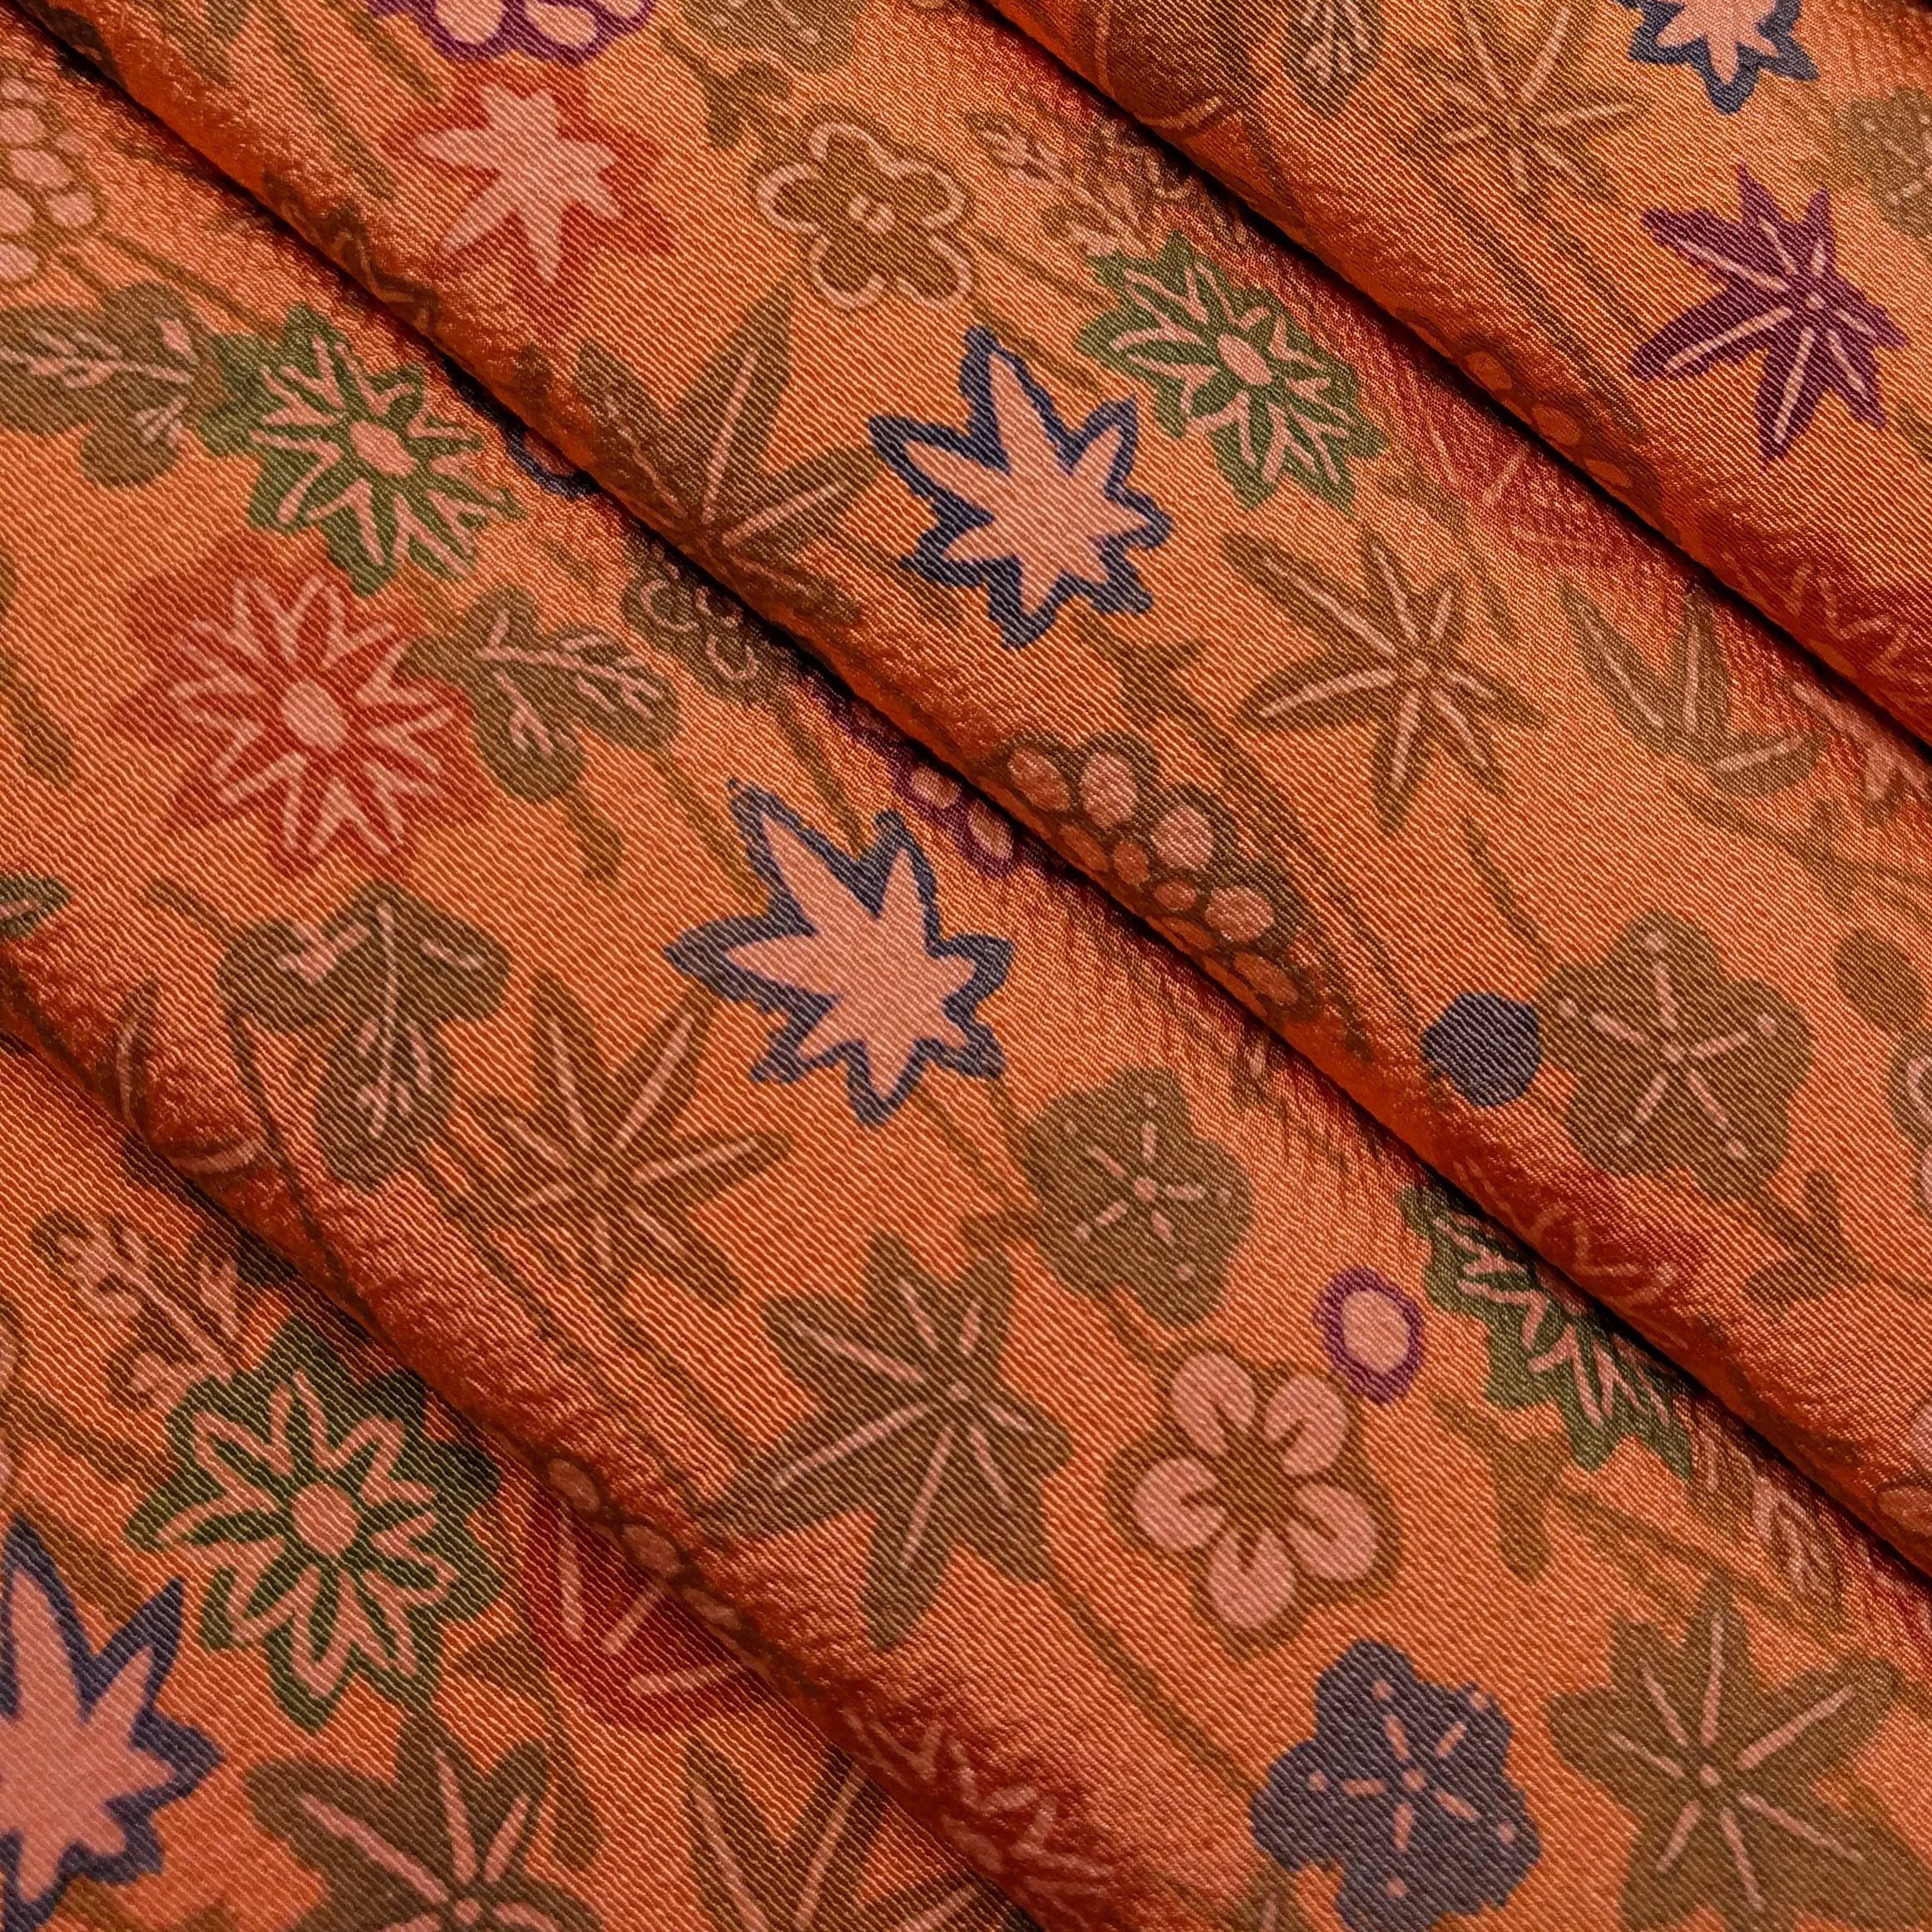 Chirimen Crepe Silk Kimono Fabric Autumn Orange Floral By The Yard Silk Kimono Kimono Fabric Fabric